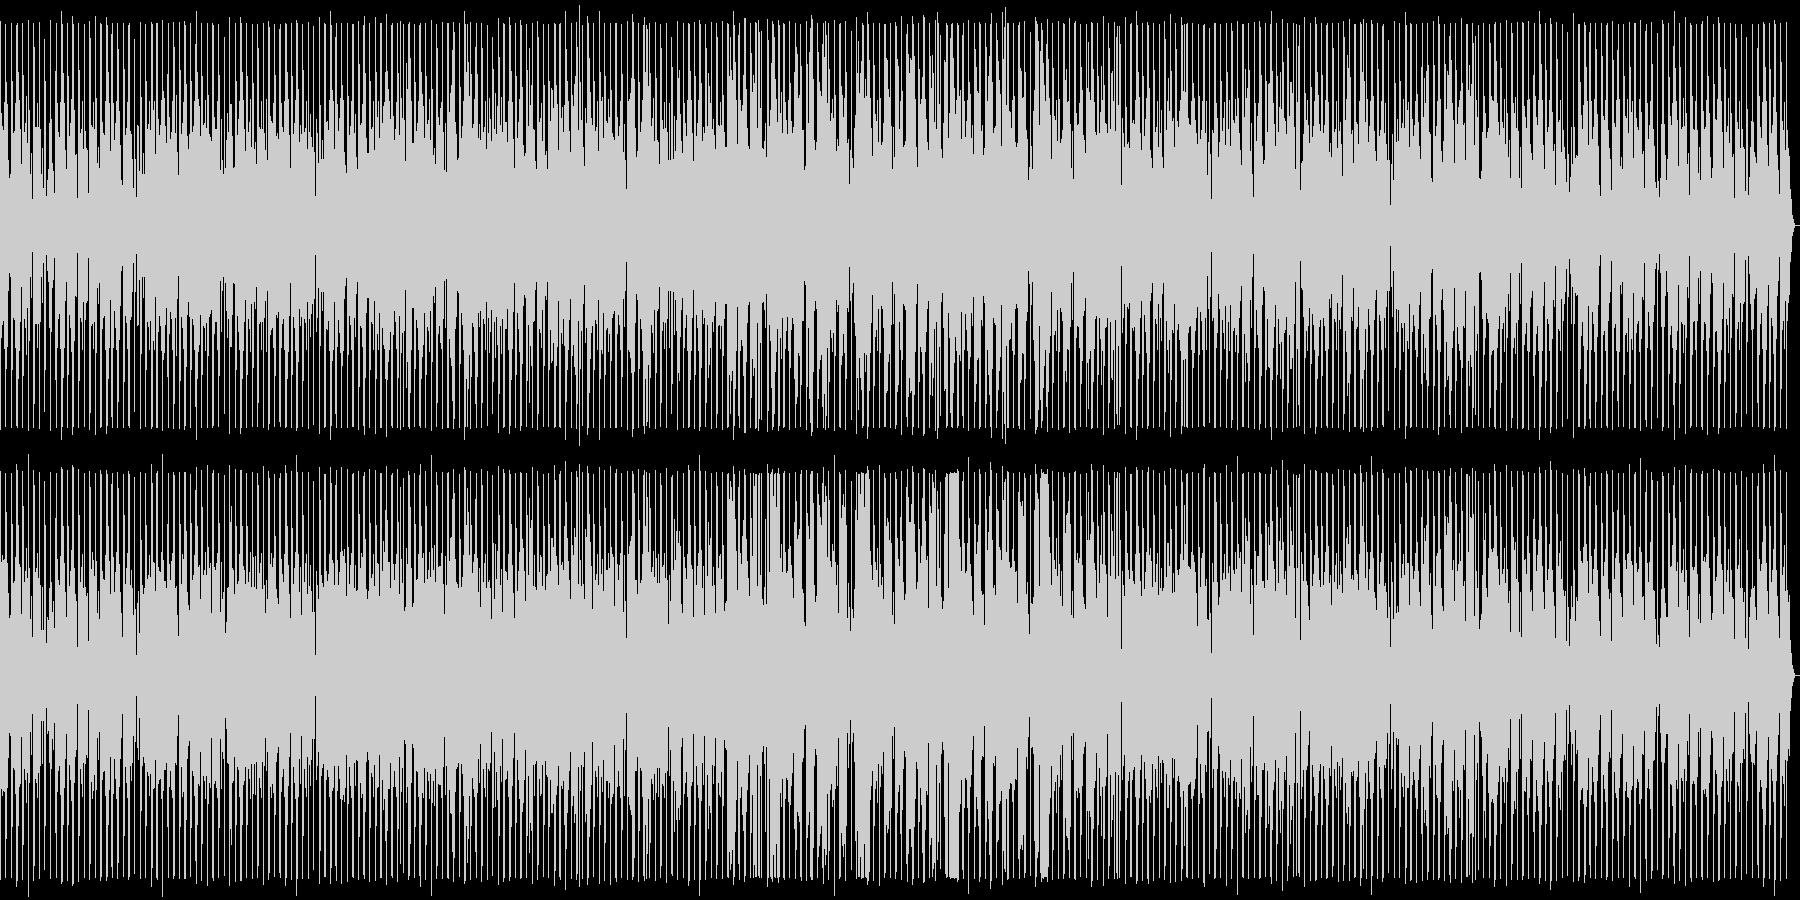 ノリの良い明るめのダンスミュージックの未再生の波形